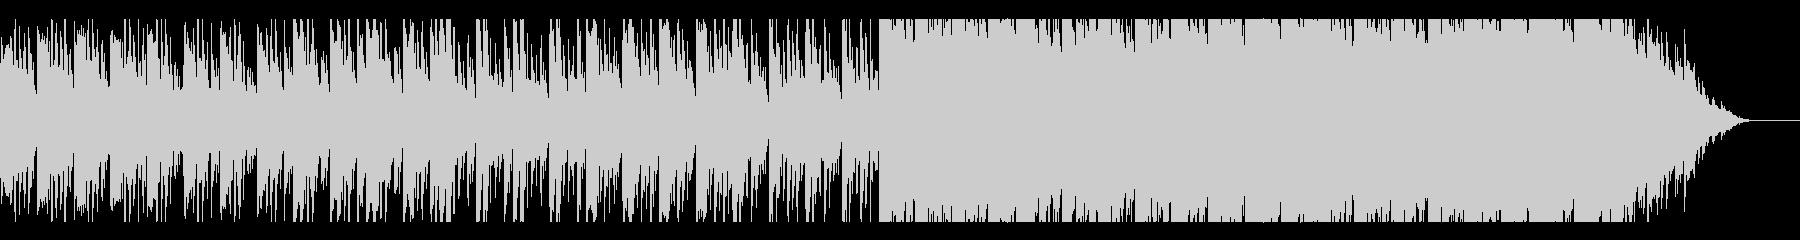 繊細で癒されるアンビエント風ピアノの曲の未再生の波形